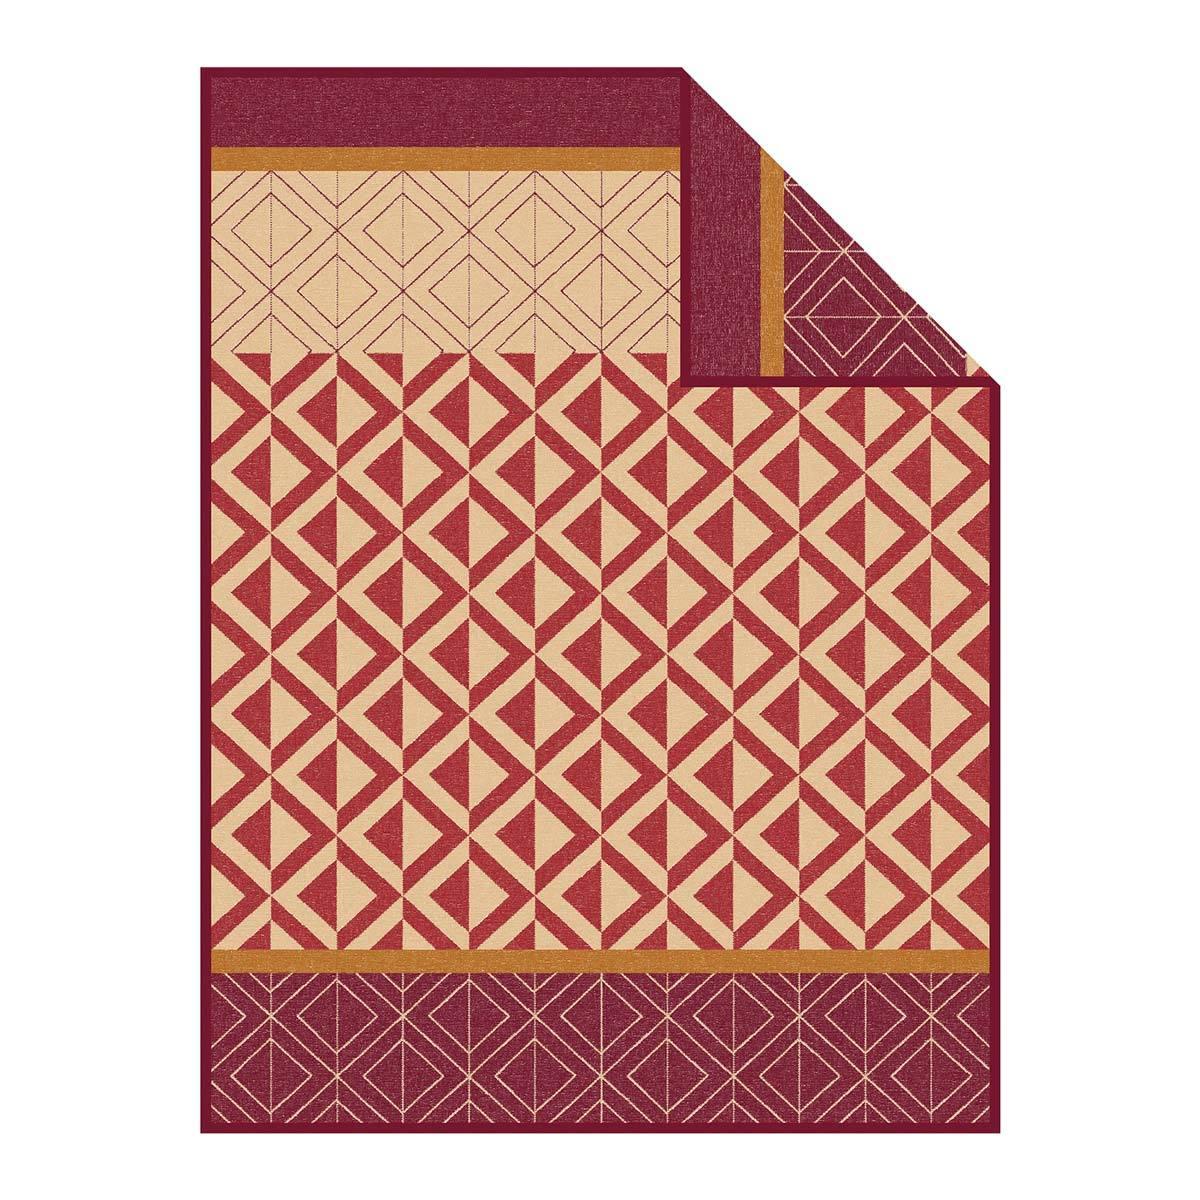 Ibena Jacquard Decke Kaschan 1652-430 rotbraun/camel